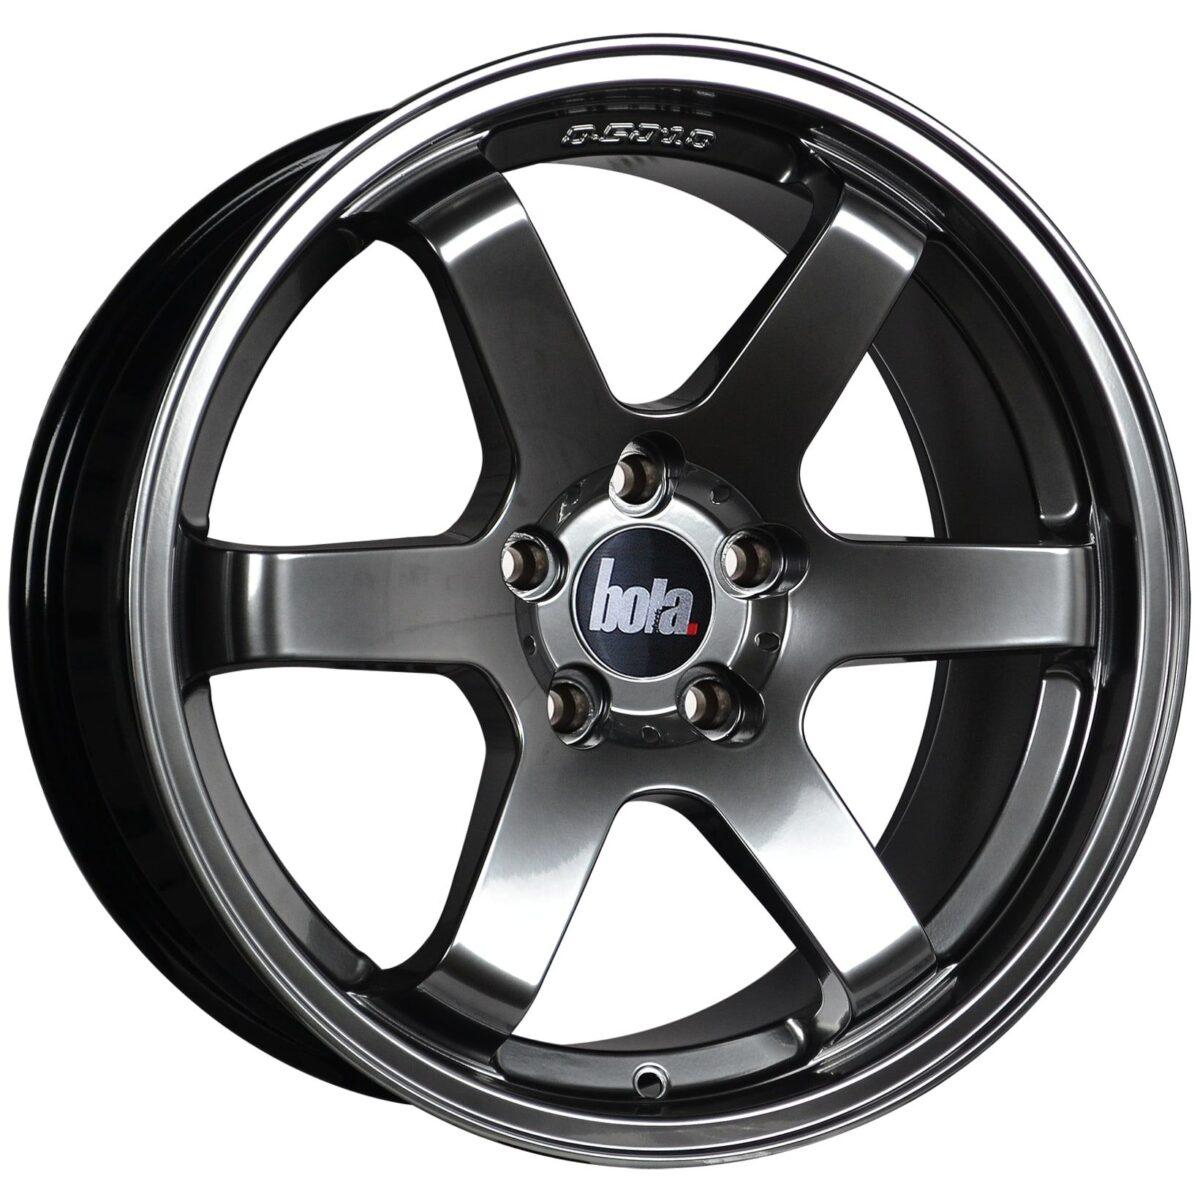 """18"""" BOLA B1 Wheels - Hyper Black - All BMW Models"""